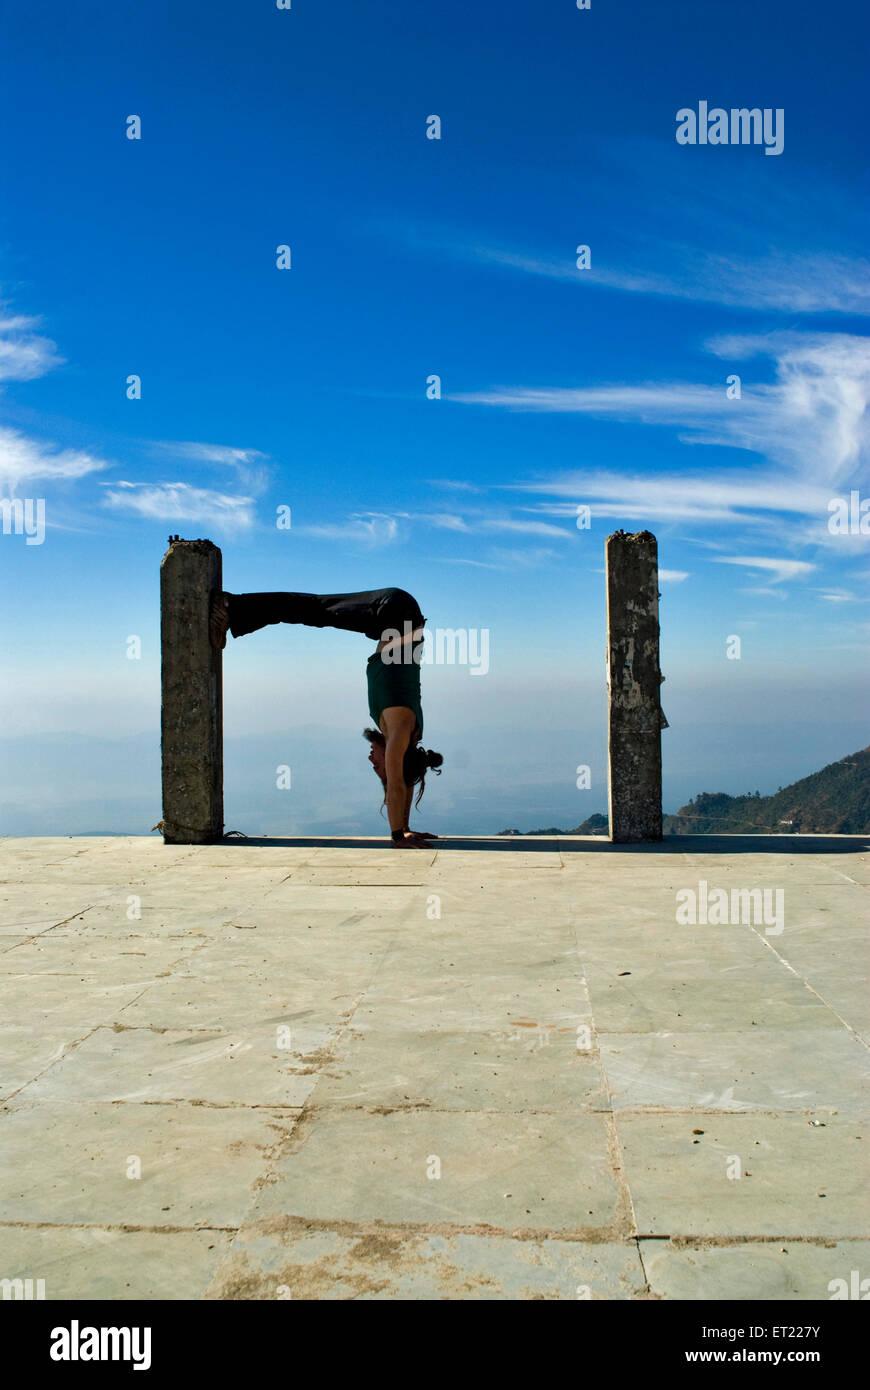 Acrobat français faisant carré parfait en synchronisation avec le pilier en pliant à Mussoorie; Photo Stock